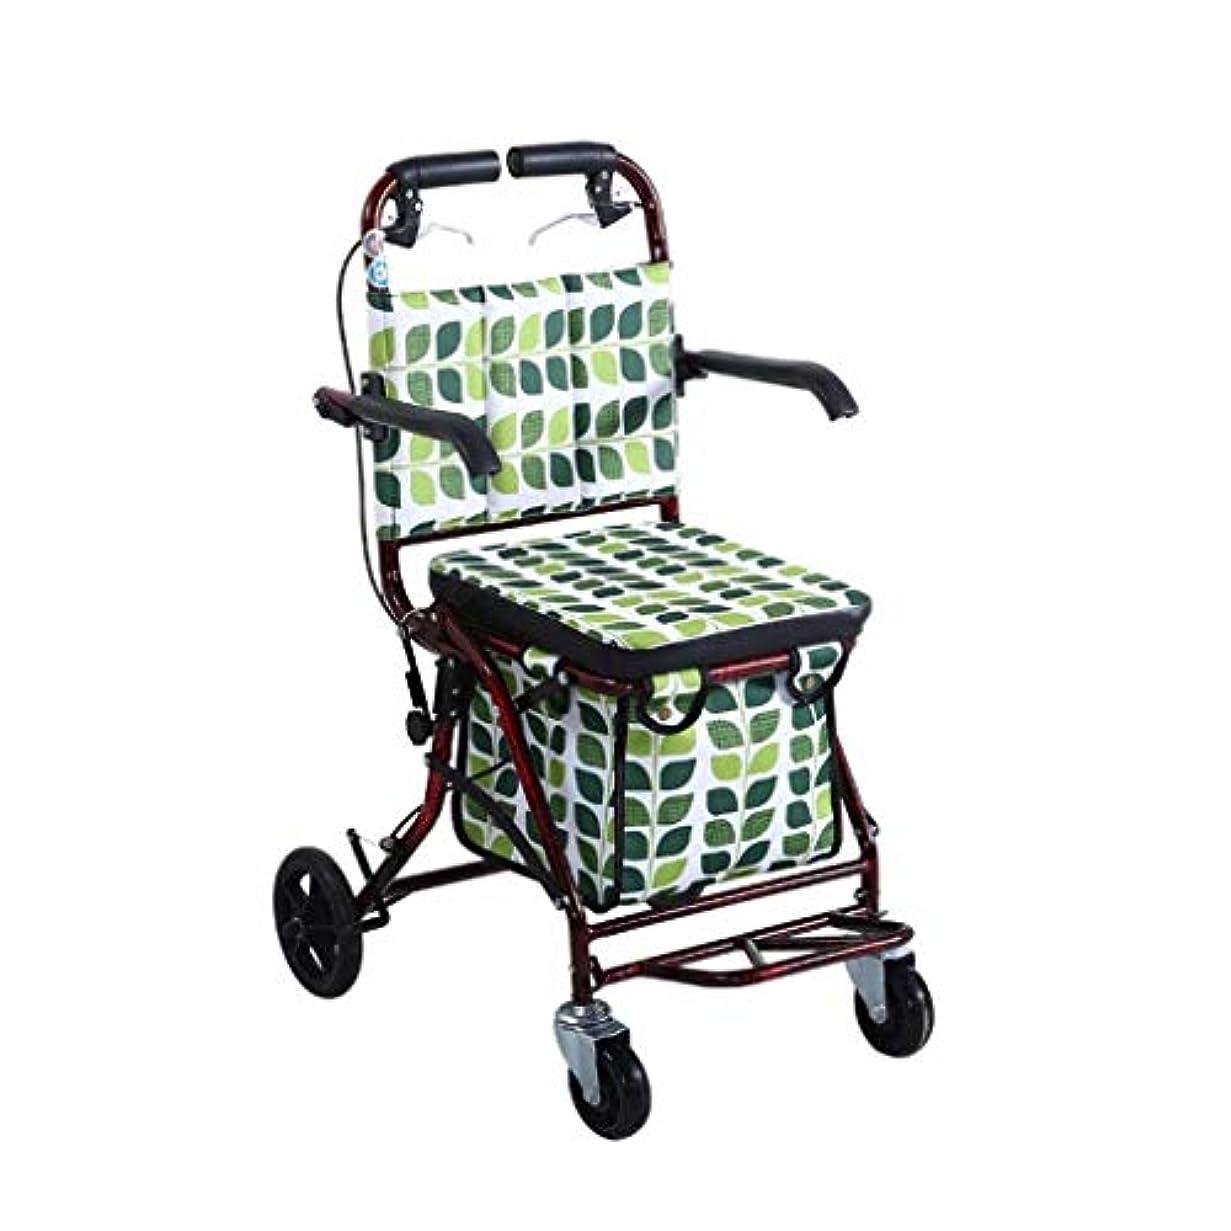 マトリックス海軍大声でショッピングトロリー、老人ポータブル四輪歩行者は、背もたれ、パッド入りシート、フットレスト付きの折りたたみ車椅子に乗る